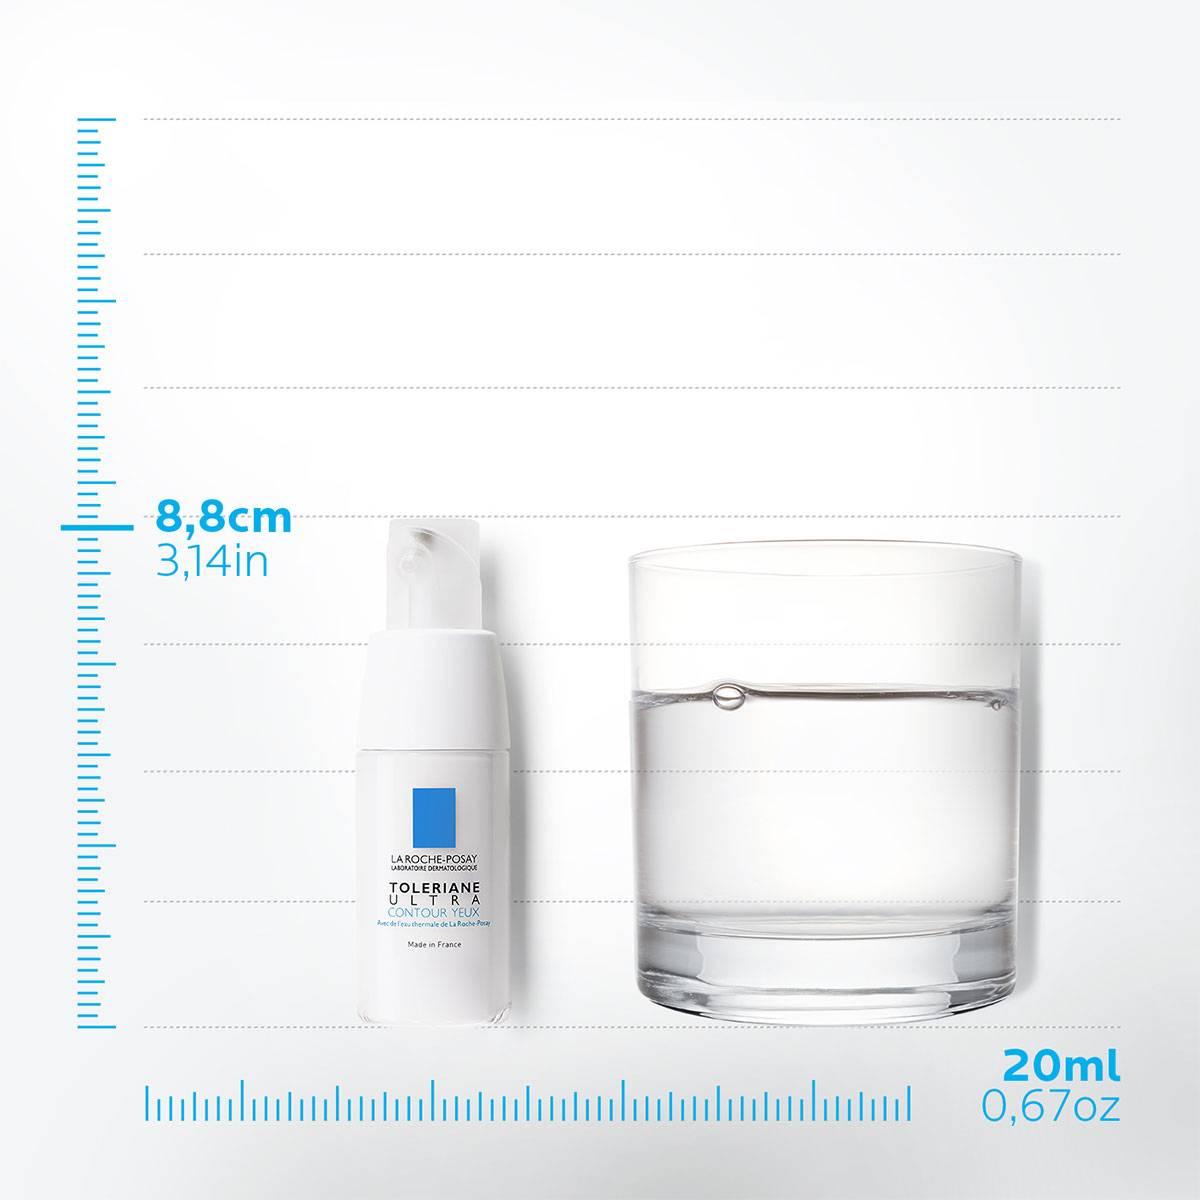 Toleriane Ultra Eye Contour 20ml 1 | La Roche Posay